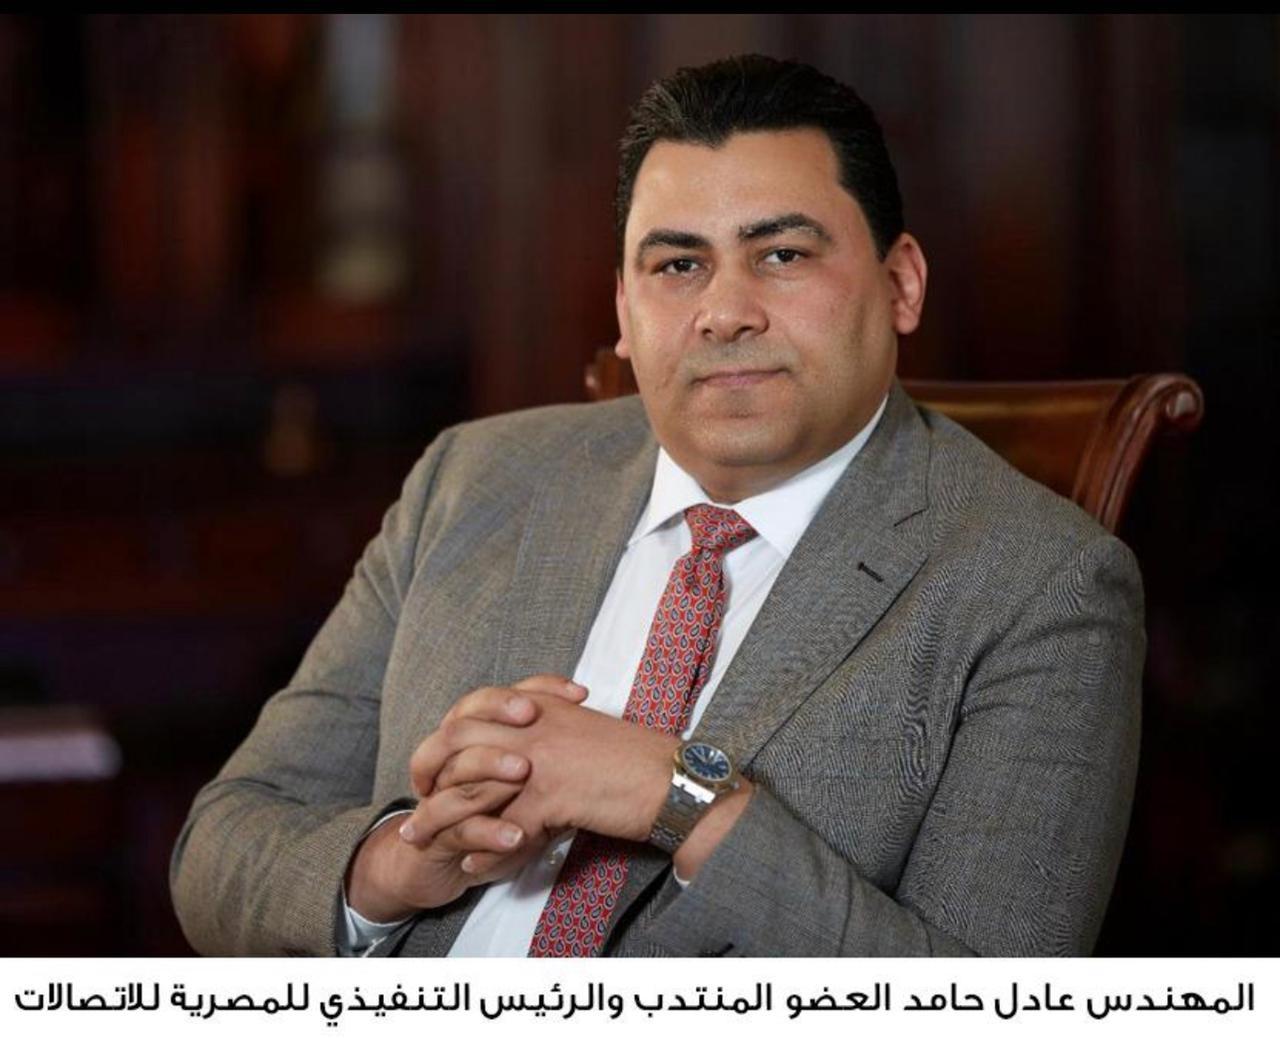 2.1 مليار جنيه صافي أرباح المصرية للاتصالات في الربع الأول من 2021